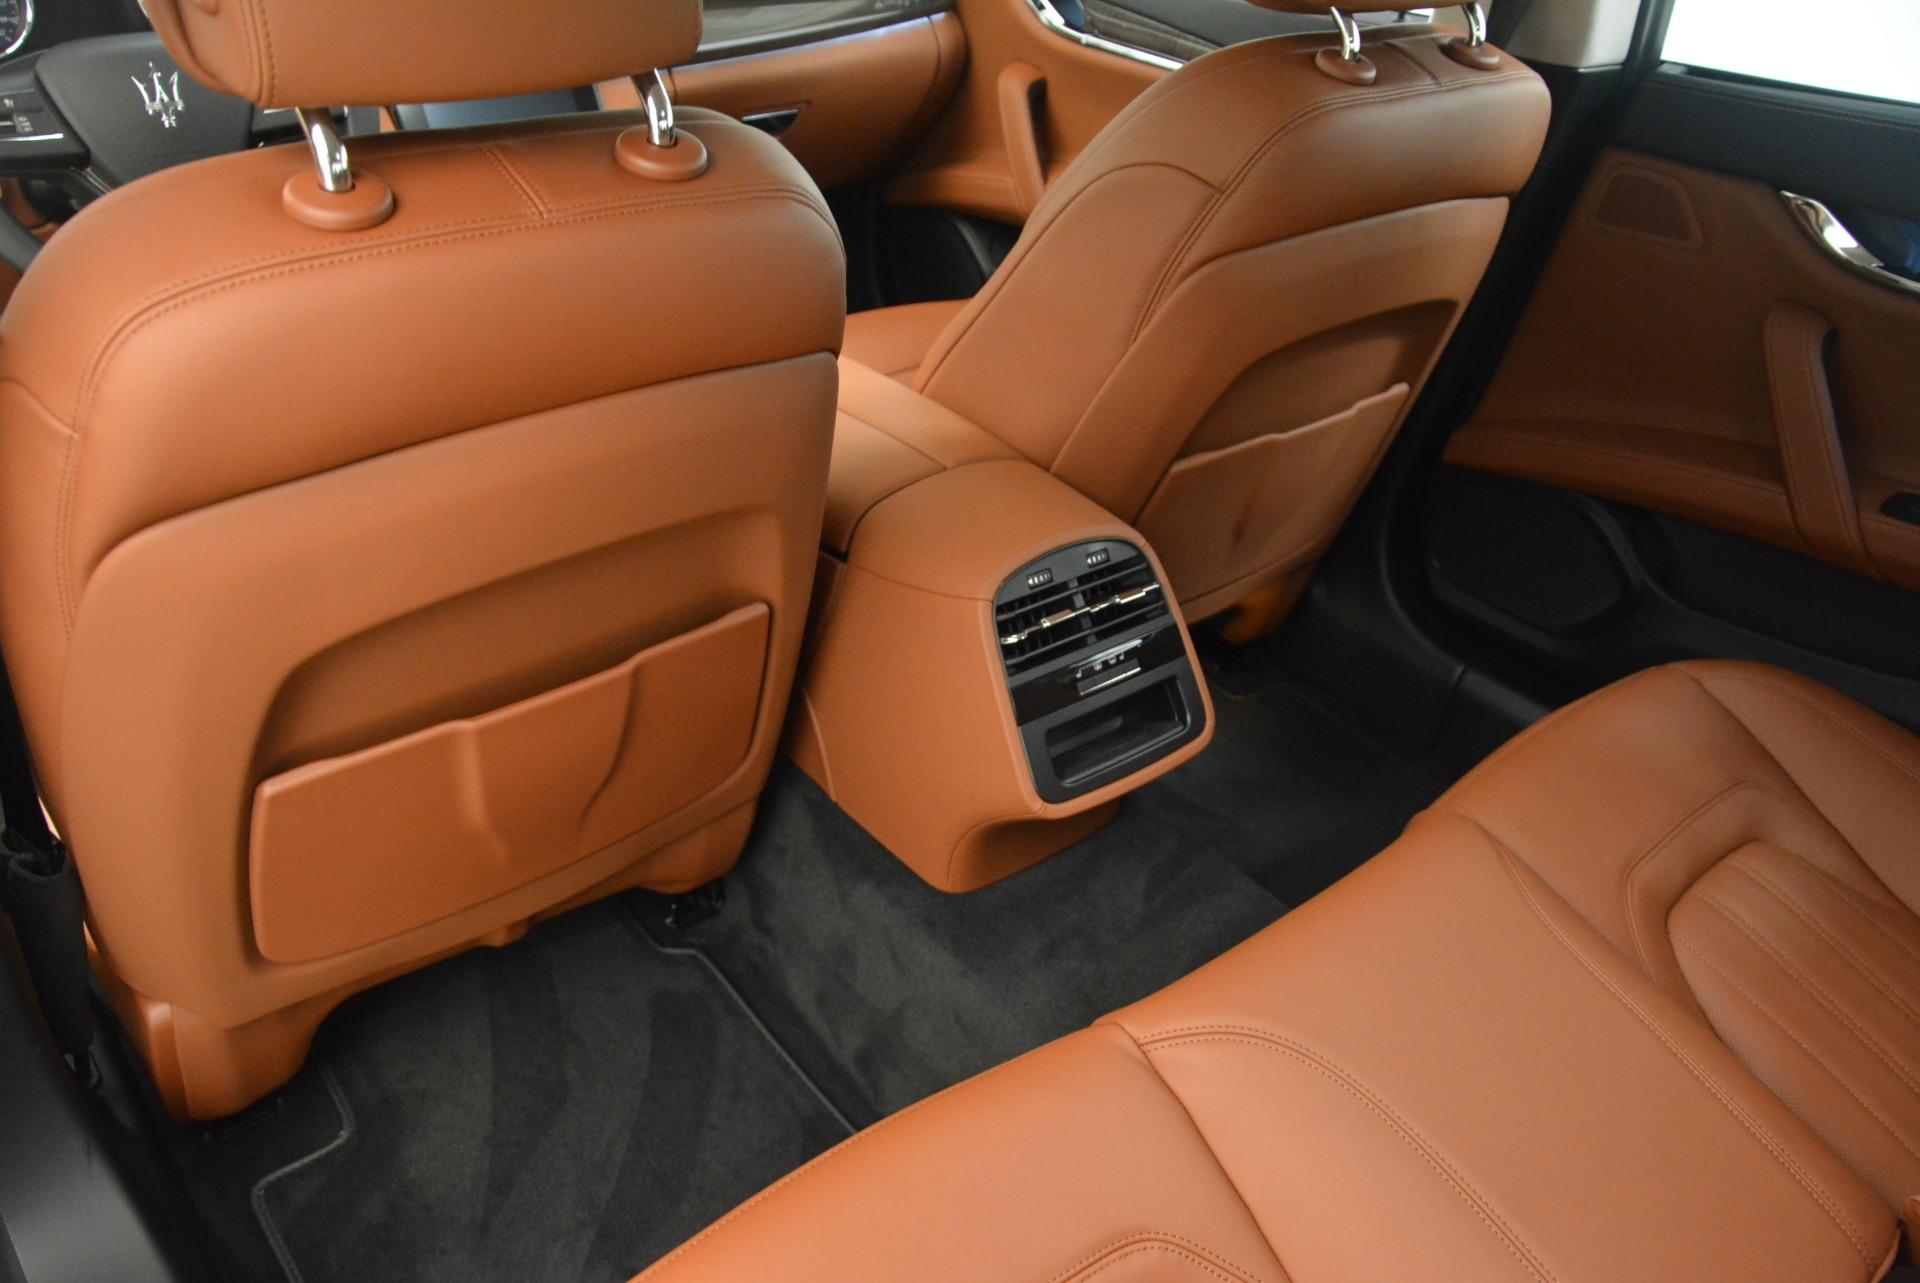 Used 2018 Maserati Quattroporte S Q4 GranLusso For Sale In Greenwich, CT 1572_p17